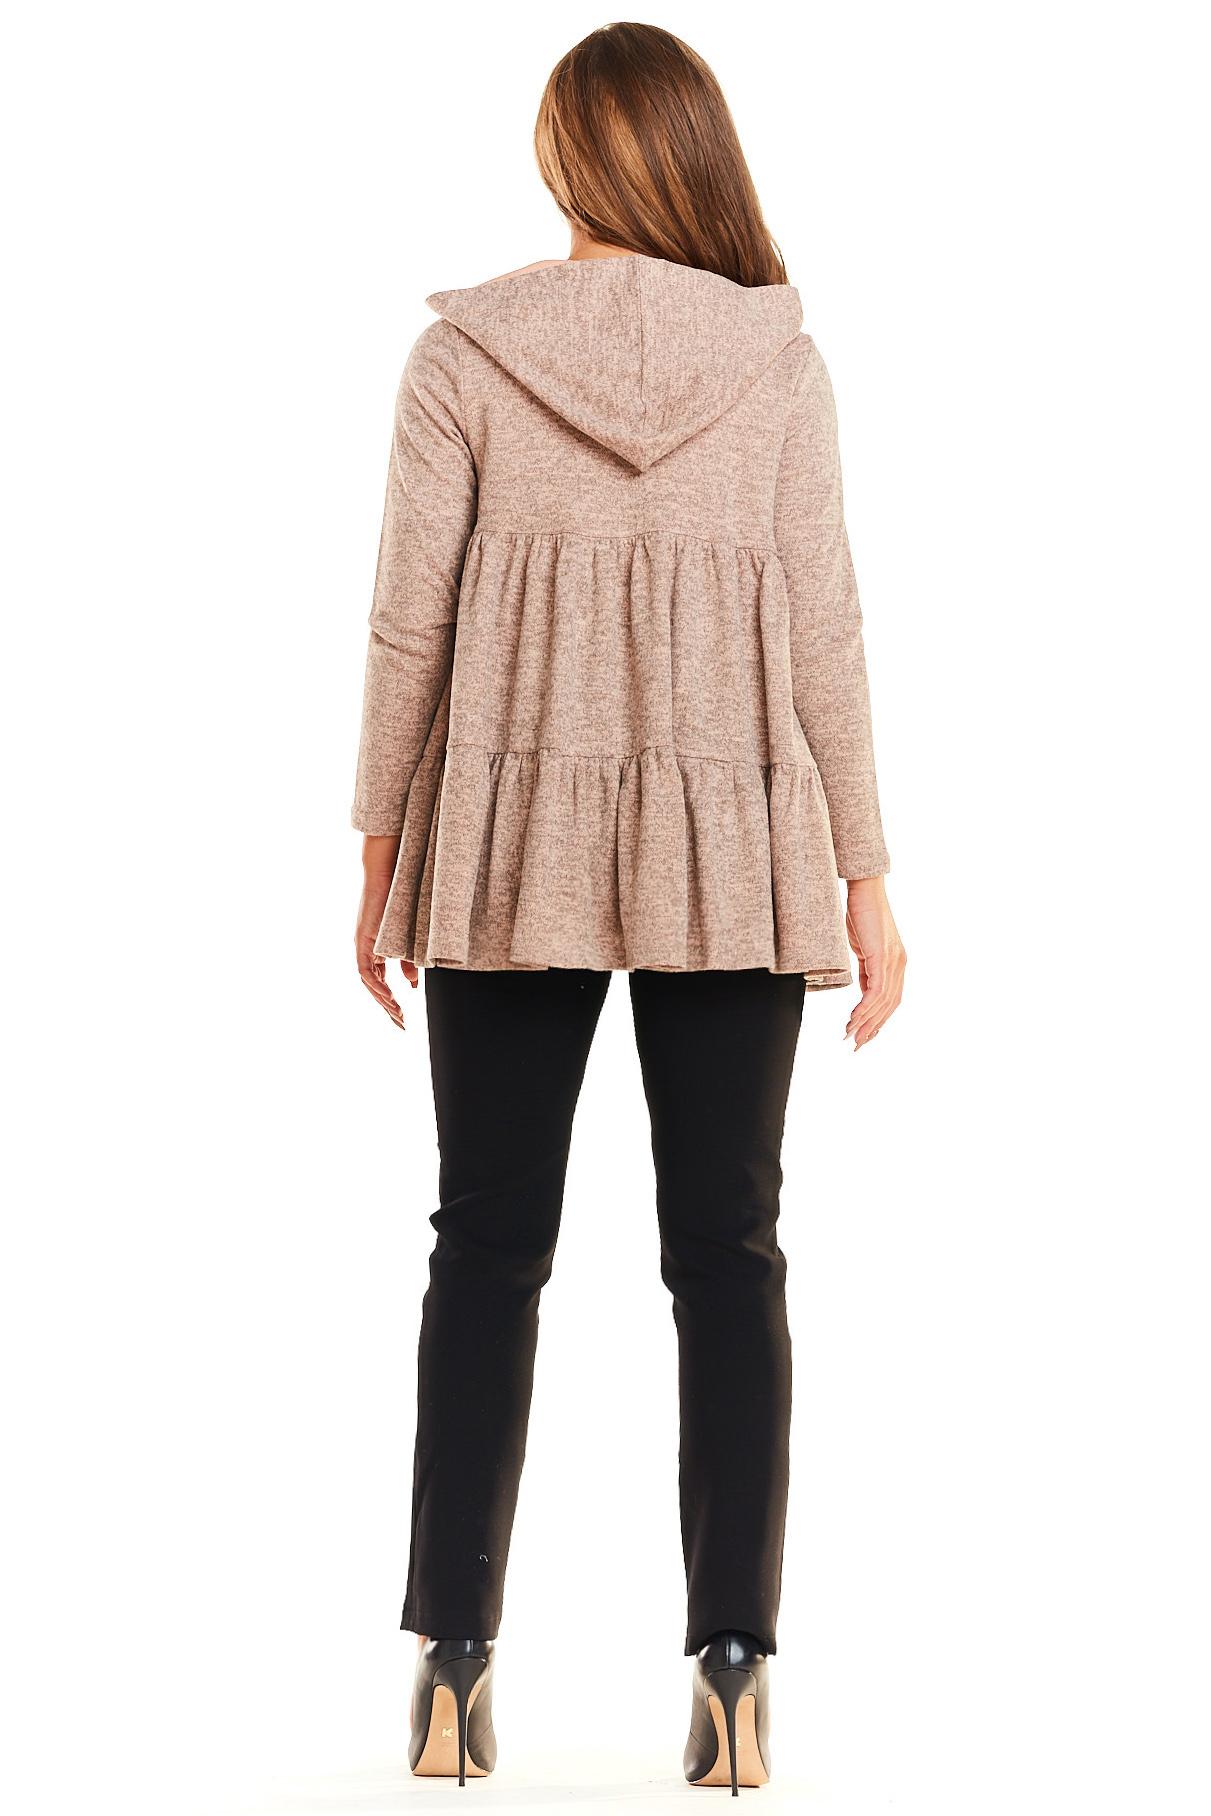 CM4023 Sweter - narzutka z kapturem - różowy